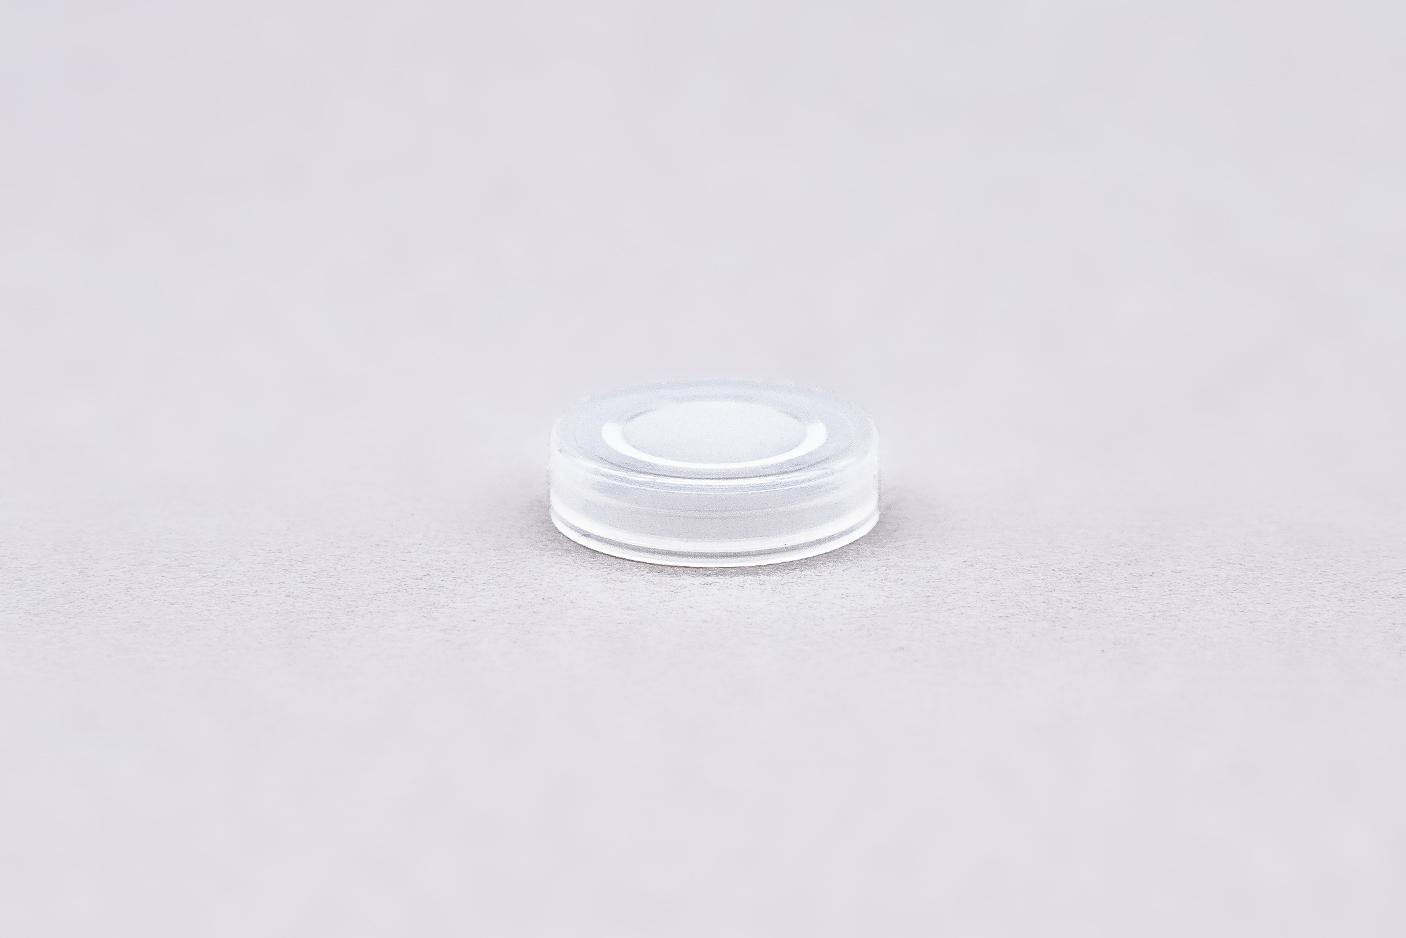 キャップ 再栓 プラスチック サンプルカップ用